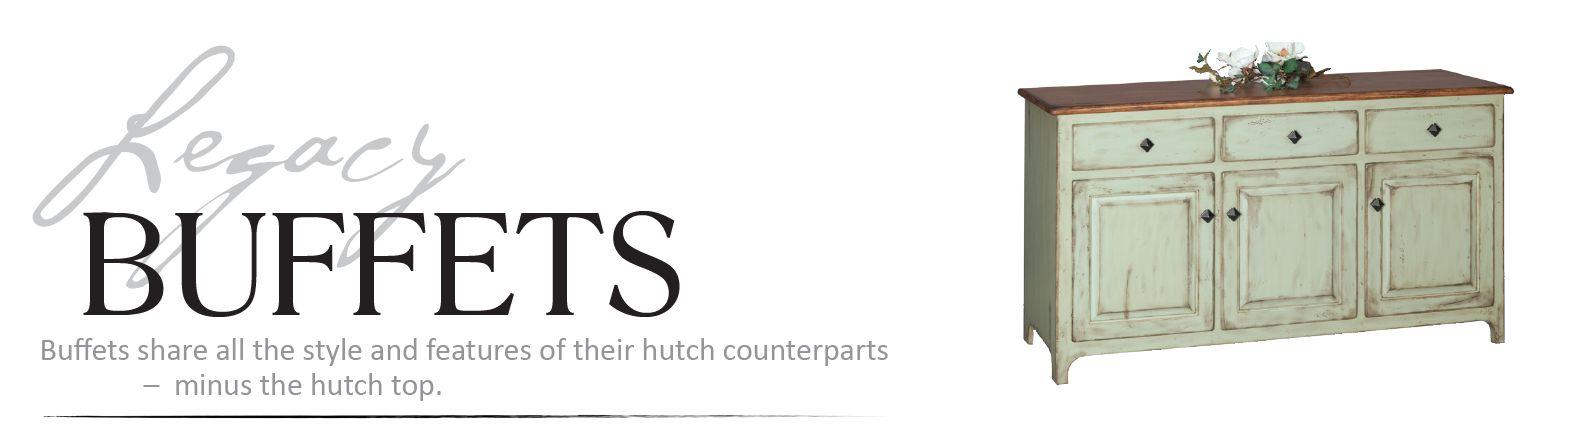 Buffets_header